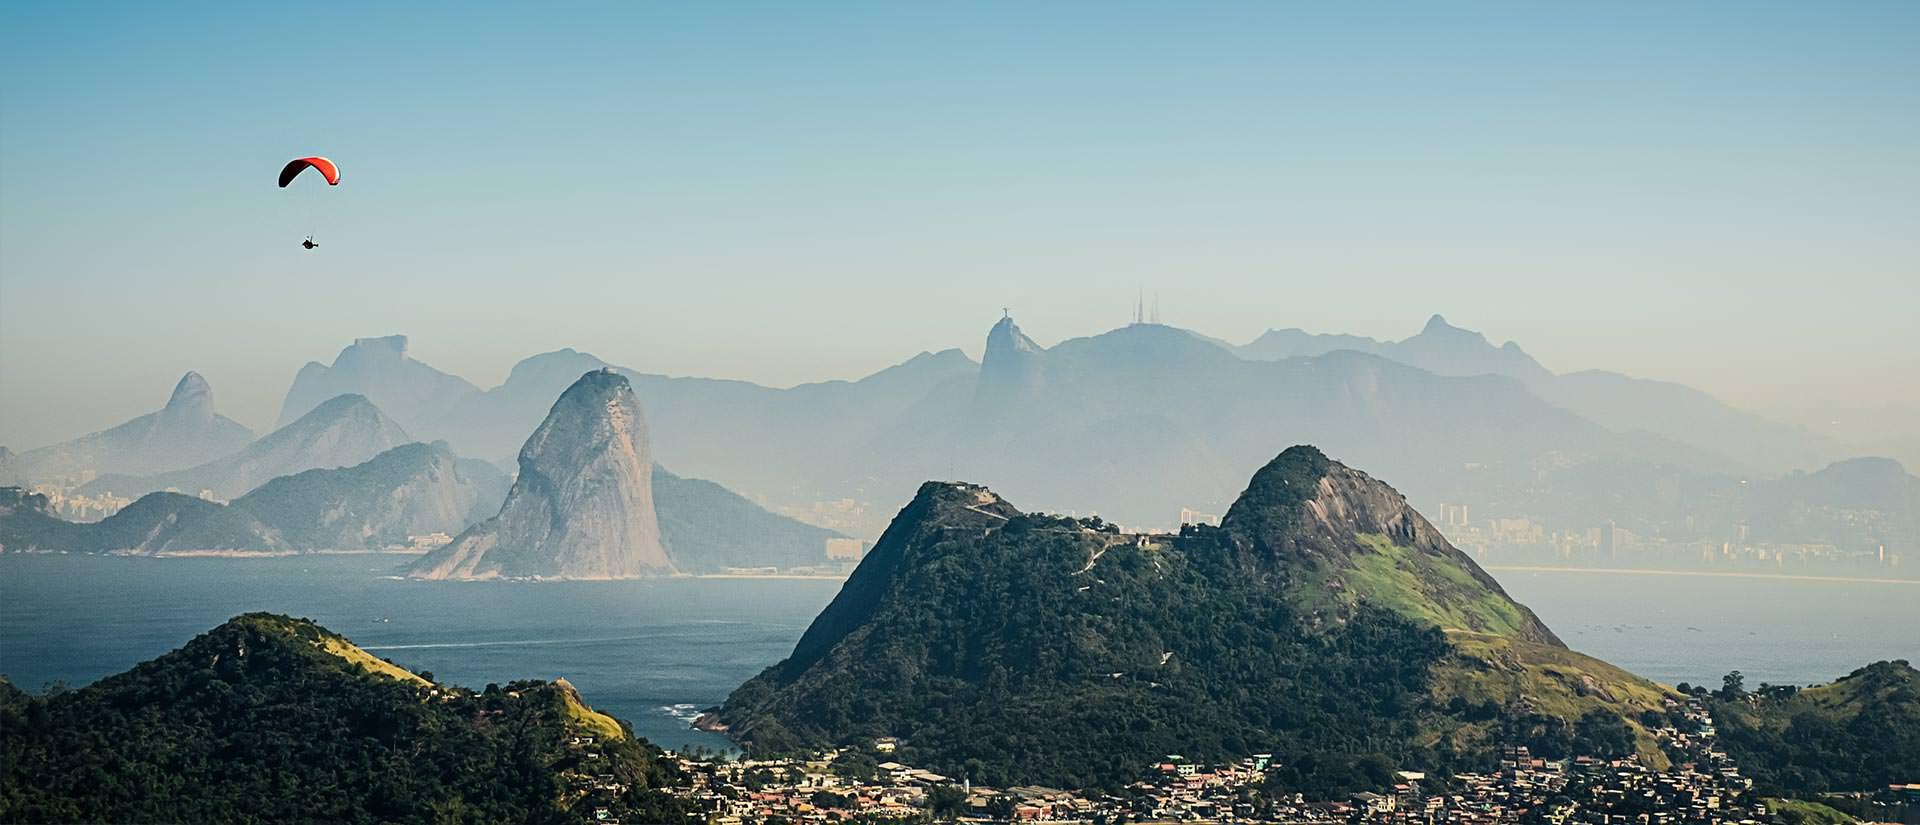 אתרים נבחרים בברזיל